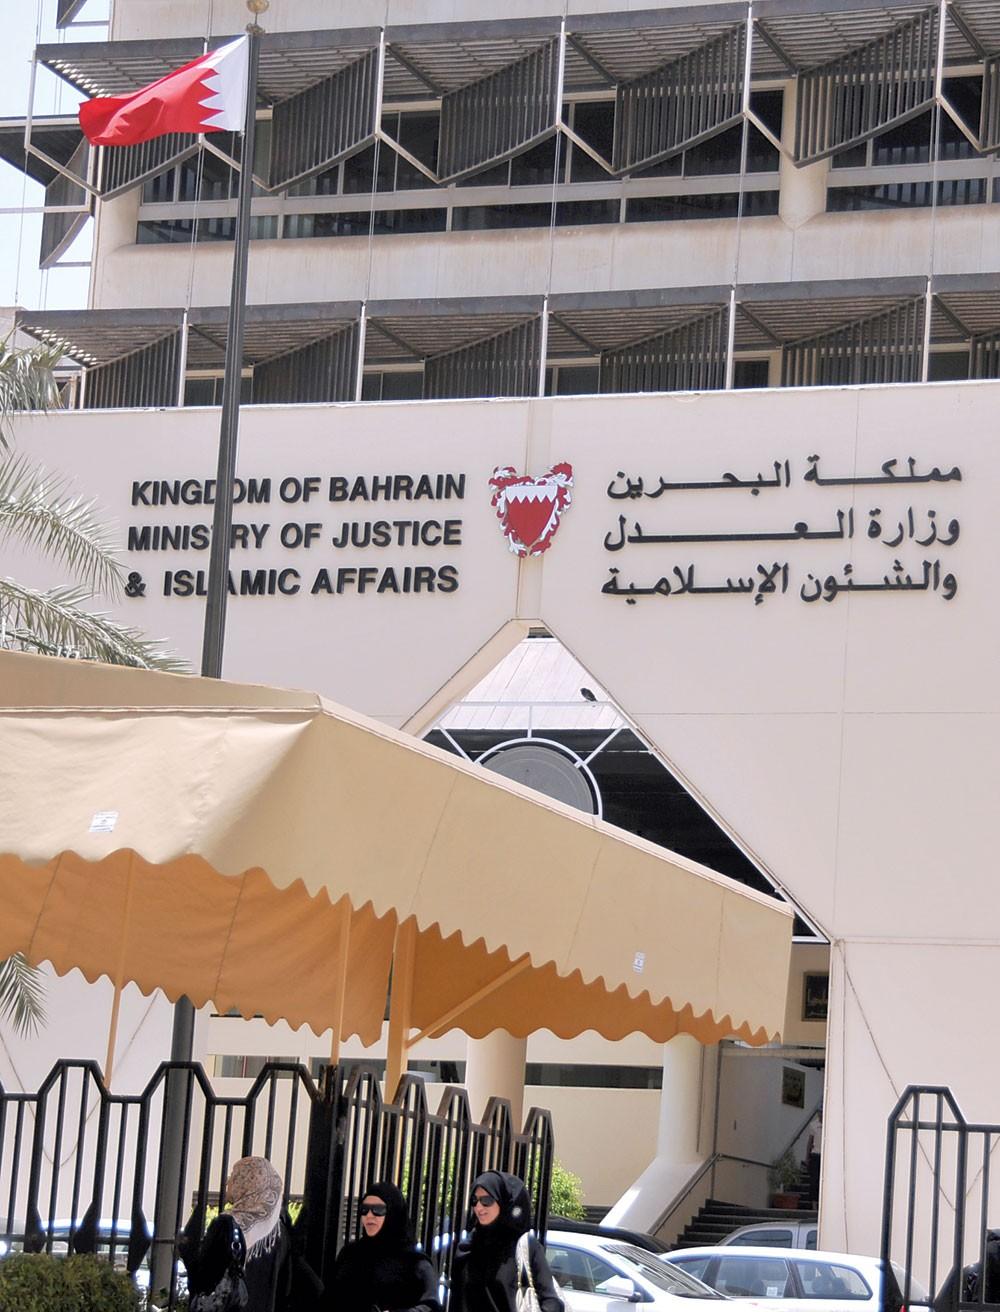 المحكمة تطالب بالتقرير النفسي لحارق مقر عمله والتسبب بخسائر ضخمة